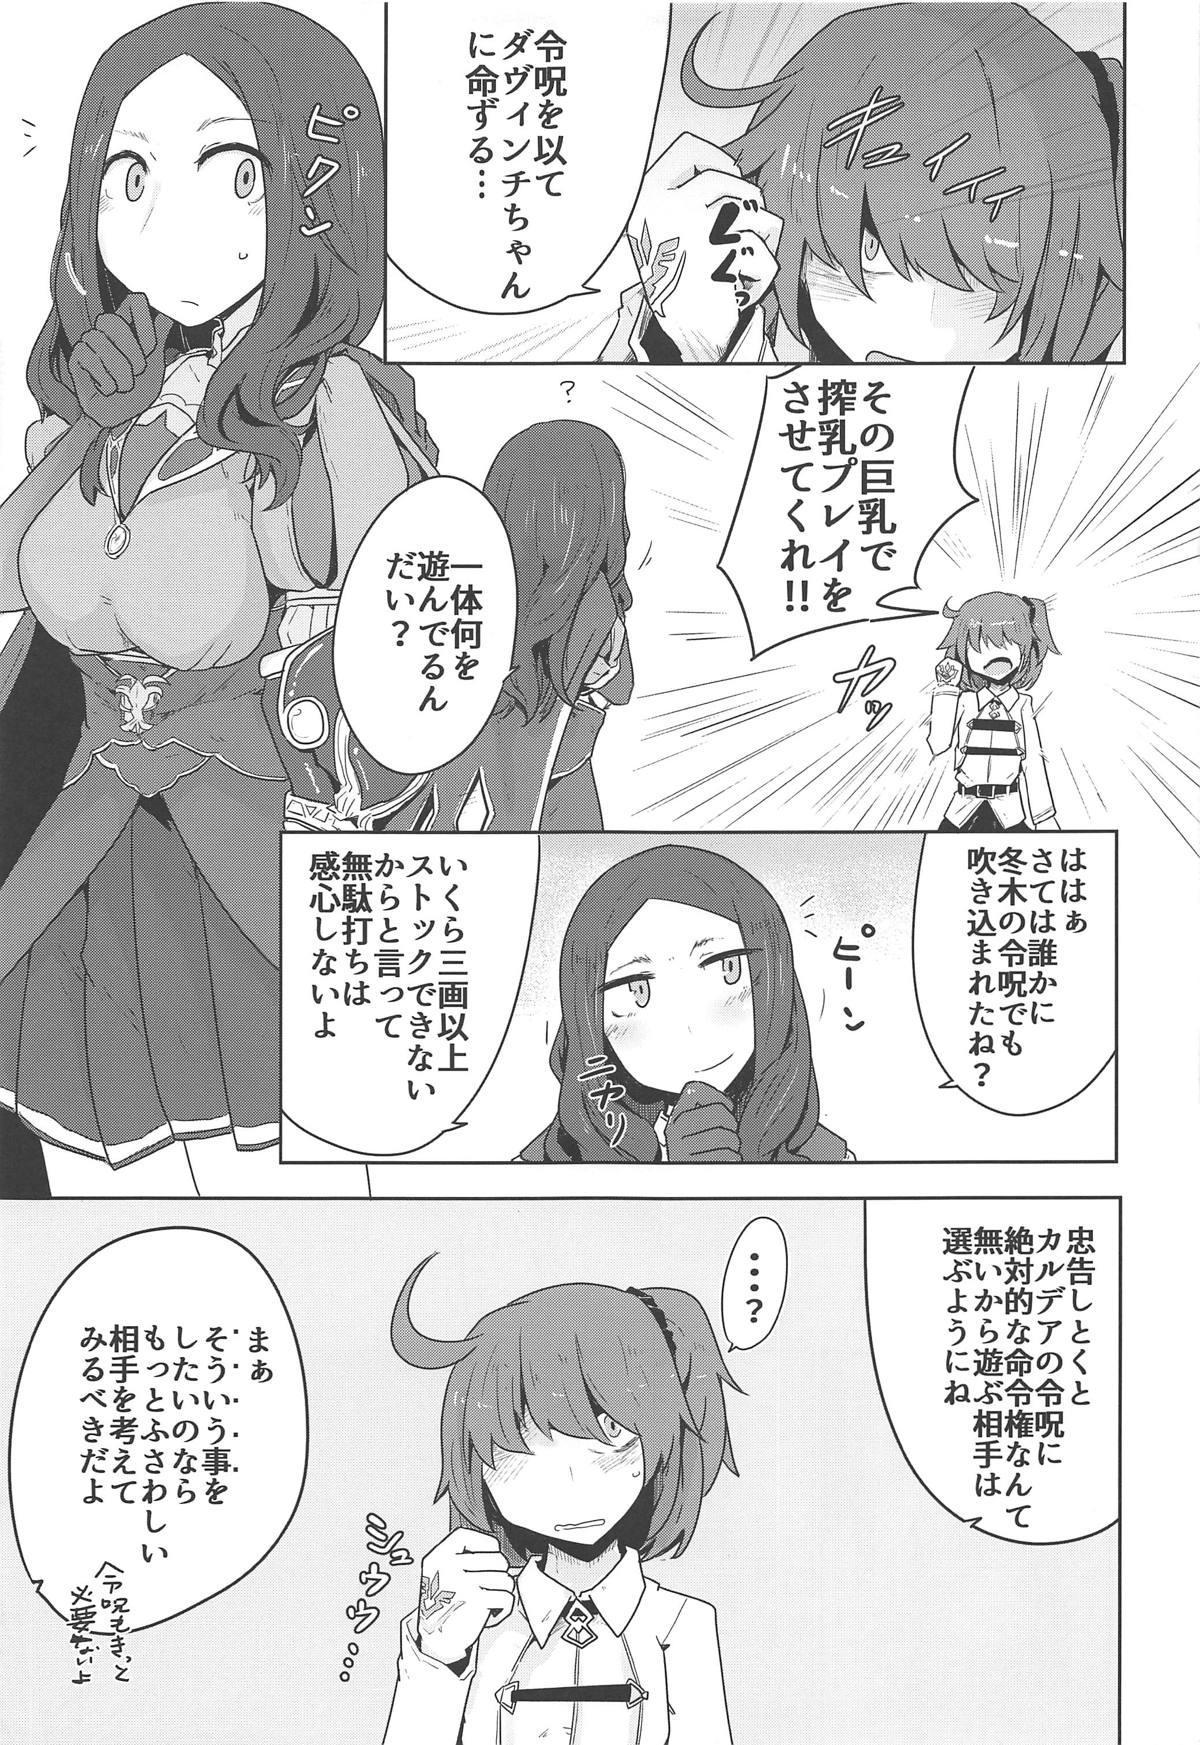 Daimajo ga Katsu no wa Touzen no Koto darou!? 15